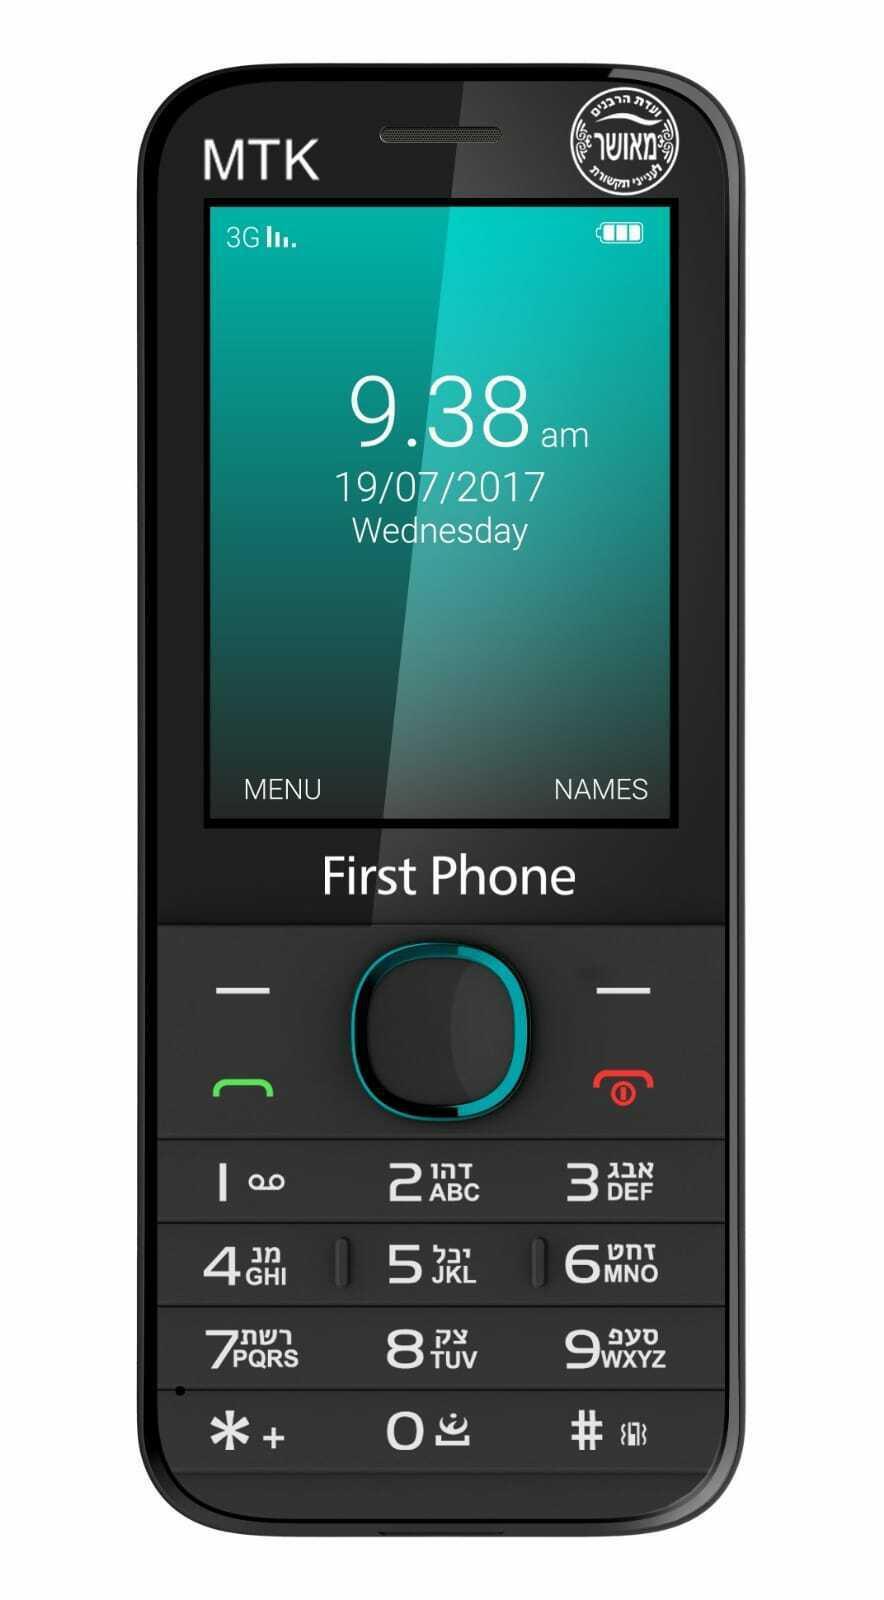 מבצע! מכשיר כשר מאושר First Phone MTK 1 משלוח חינם!